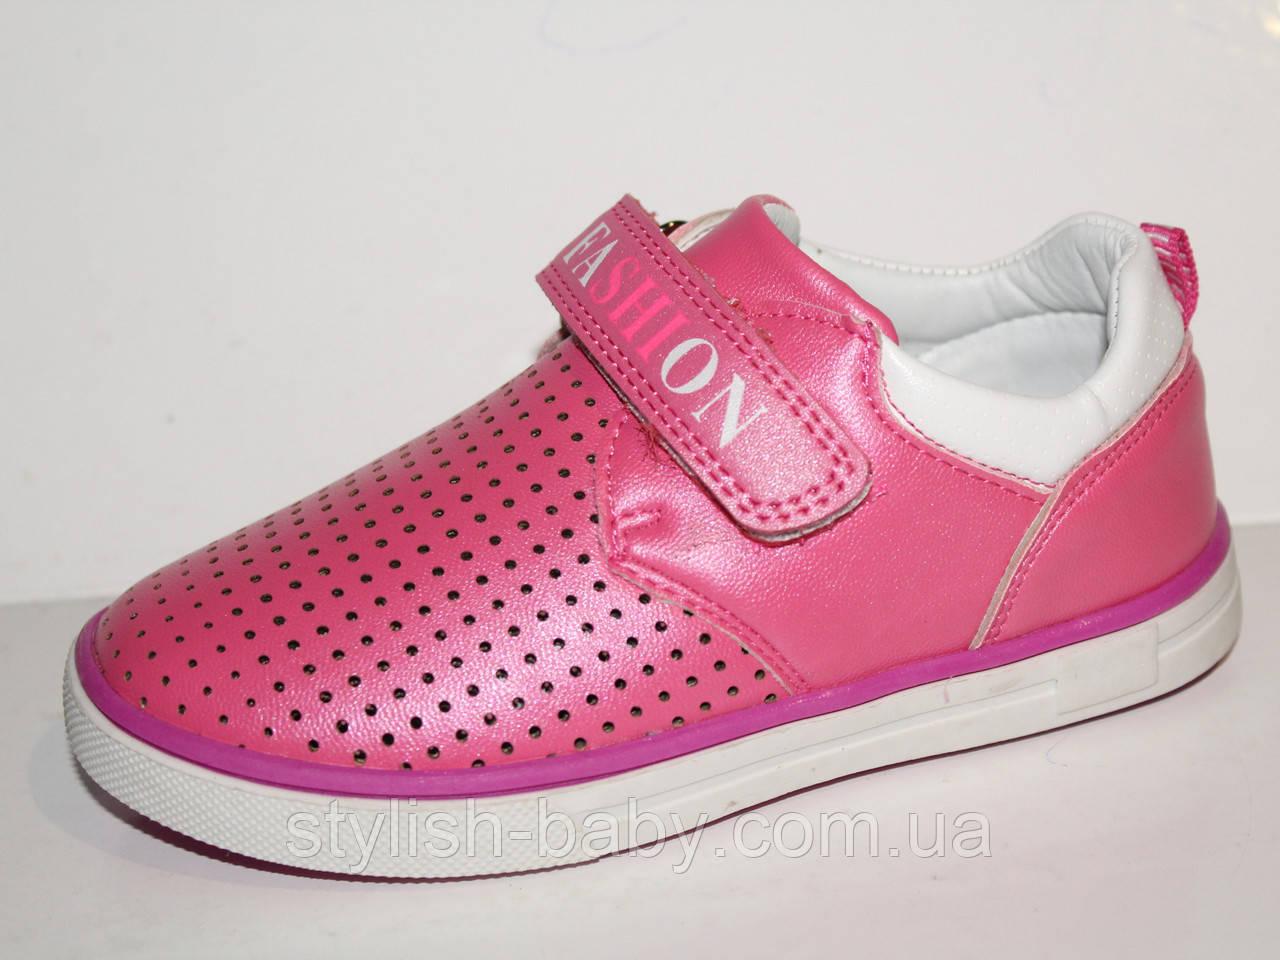 Детская обувь оптом. Детские спортивные туфли с перфорацией бренда Tom.m для девочек (рр. с 26 по 31)